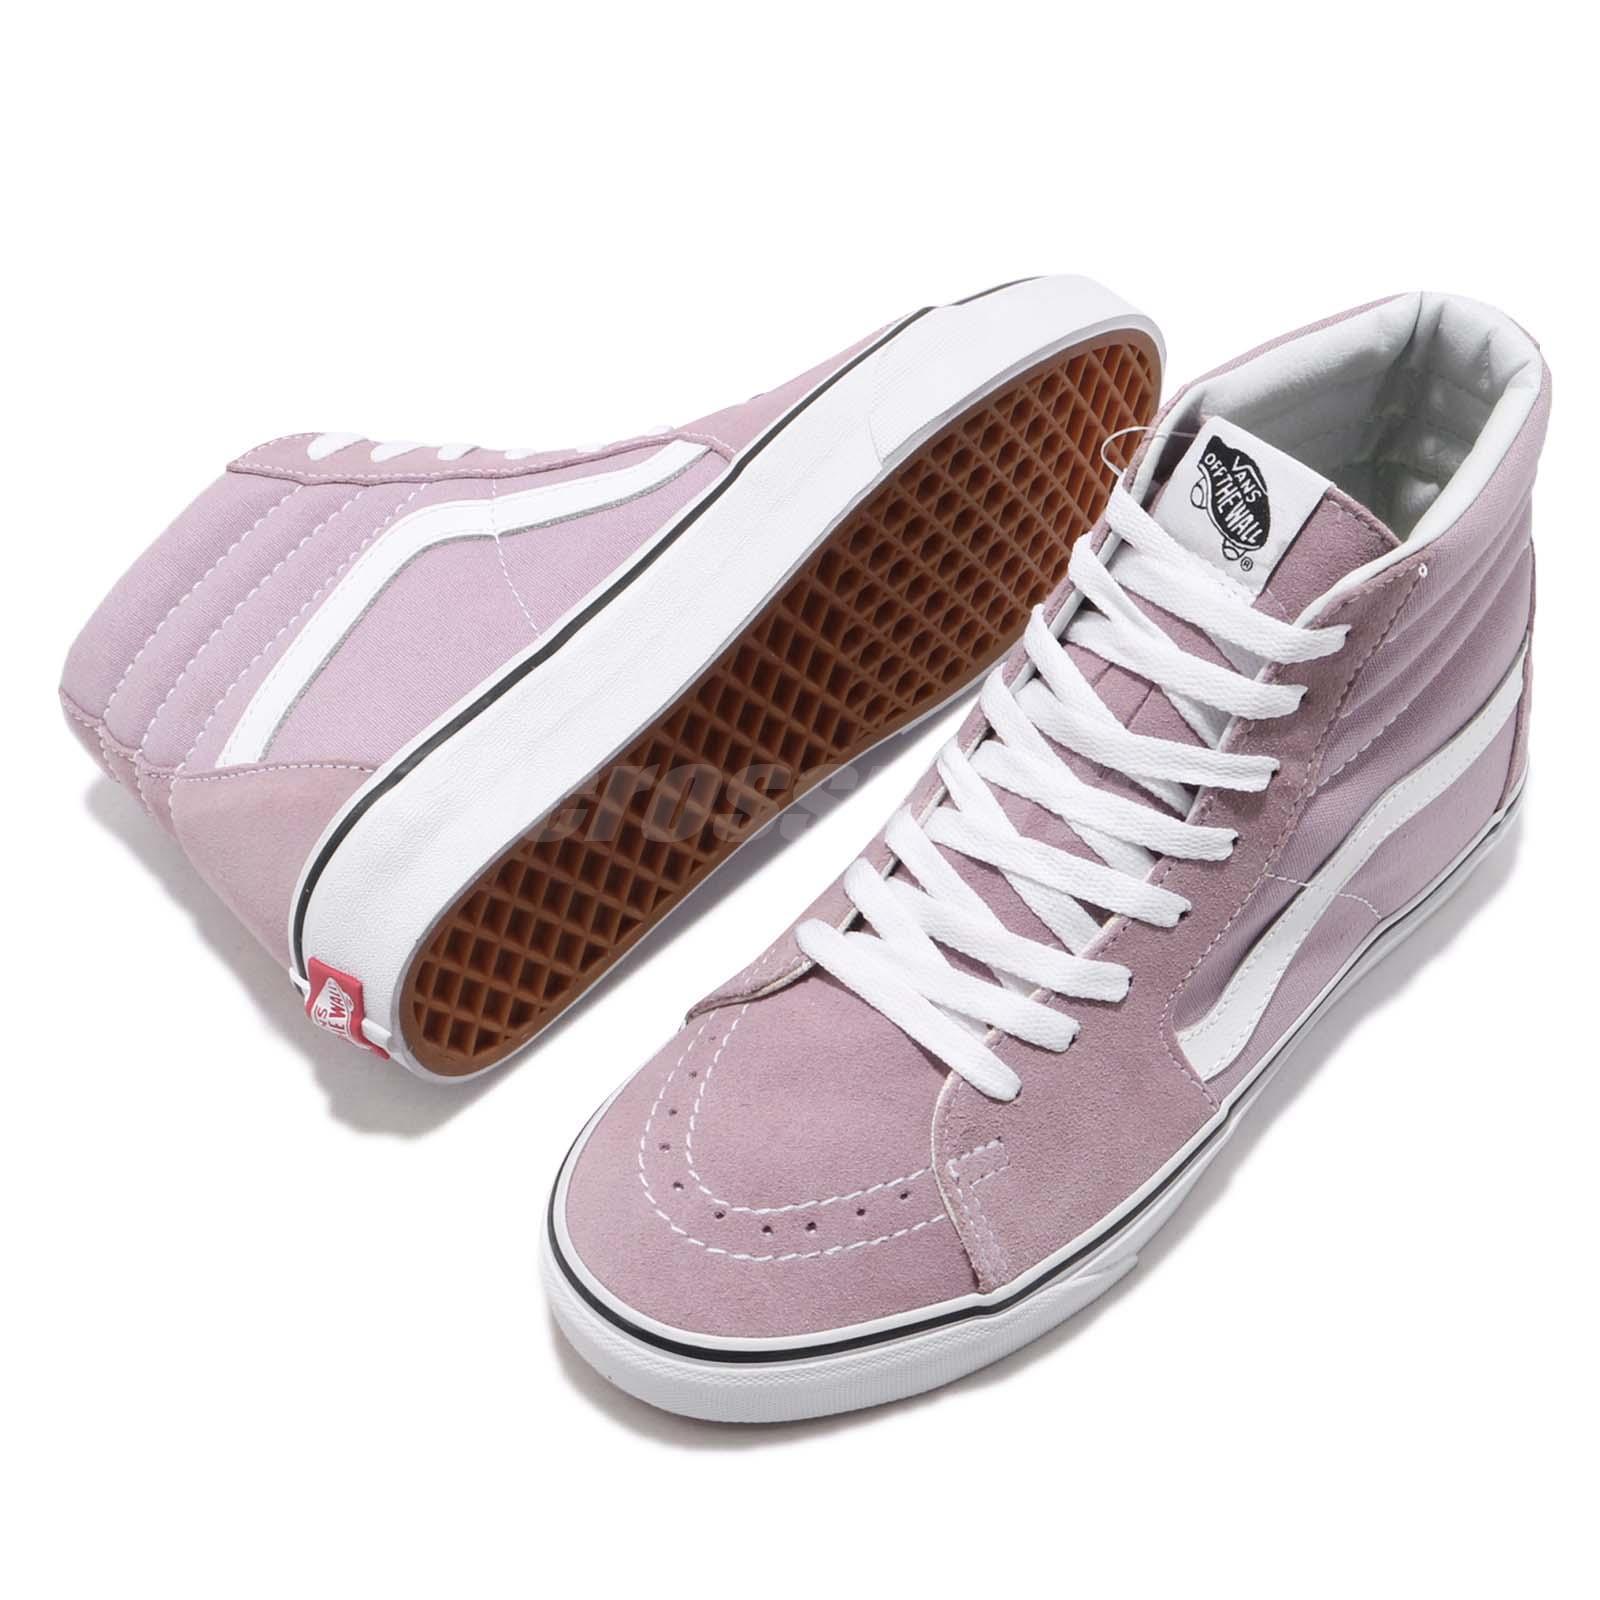 9132ae7858d Vans SK8-Hi Sea Fog Purple White Men Skate Boarding Shoes Sneakers ...